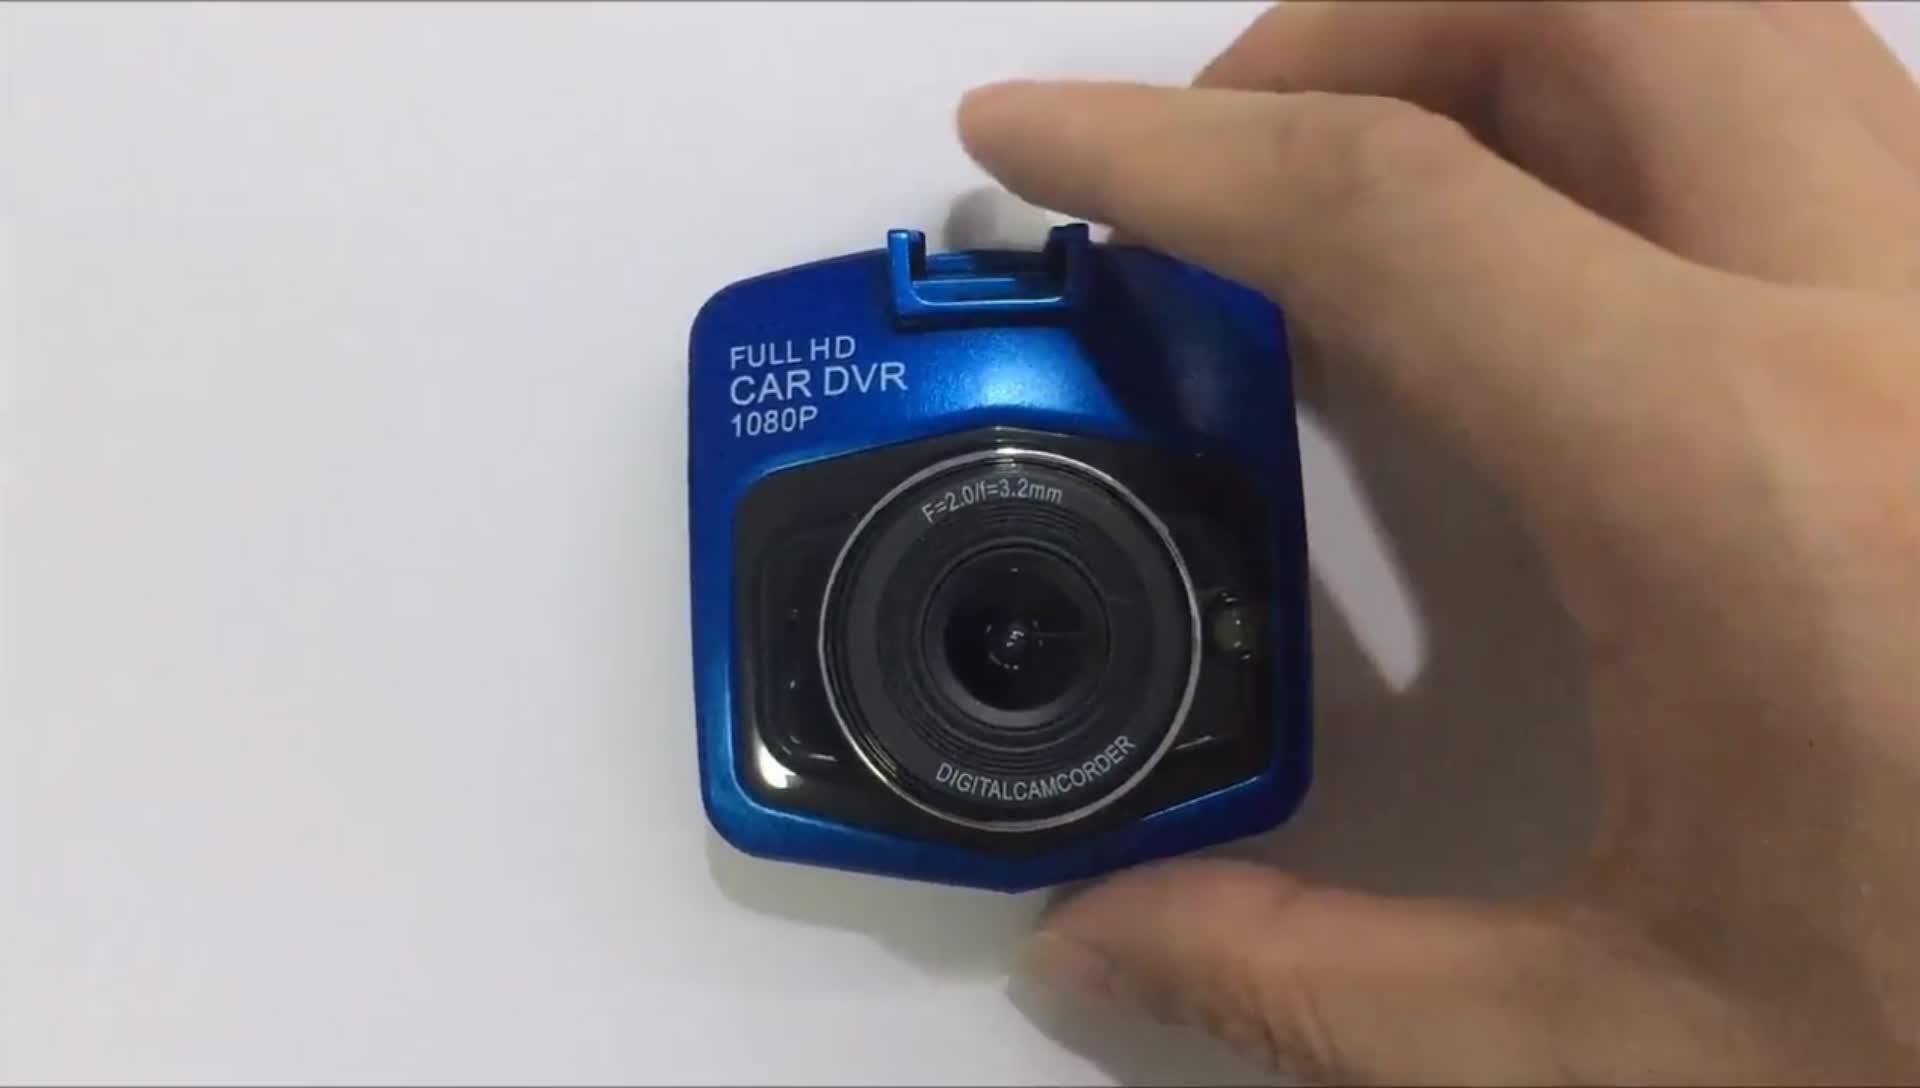 170 תואר רחב זווית 2.4 אינץ מלא HD 1080P רכב Blackbox רכב DVR GT300 מצלמת מקף 1080p Dvr וידאו מקליט